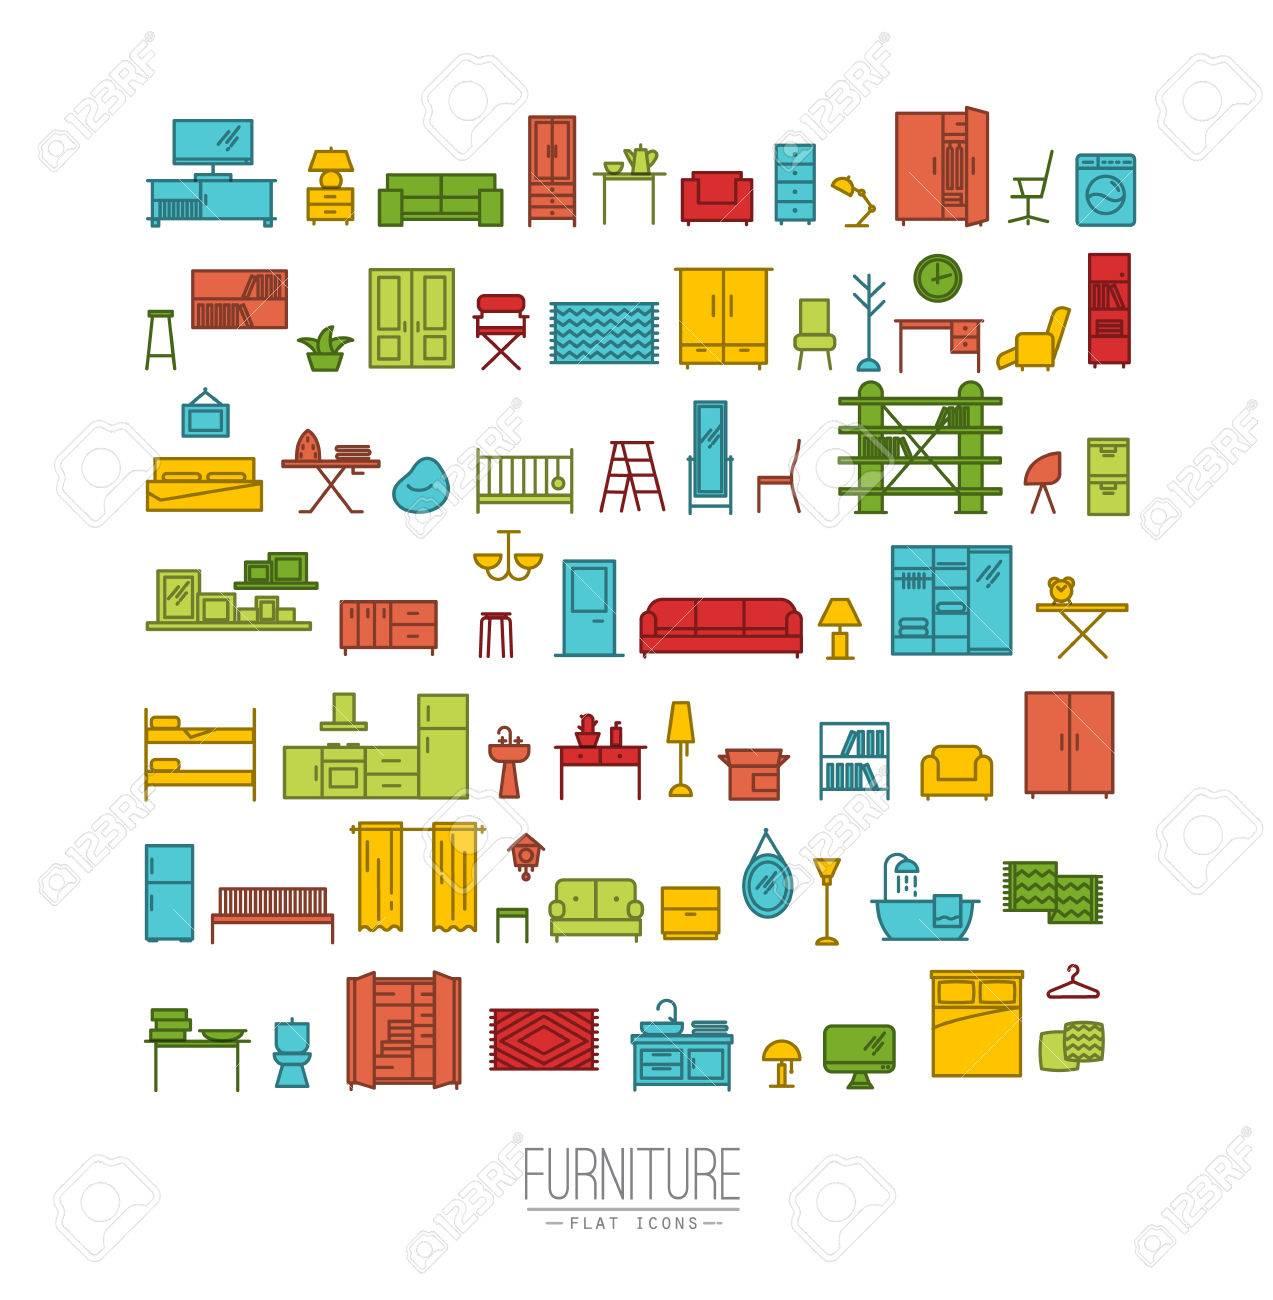 Meubles Et Décoration De La Maison Icon Set Dans Le Dessin De Style Appartement Moderne Avec Des Lignes De Couleur Sur Fond Blanc